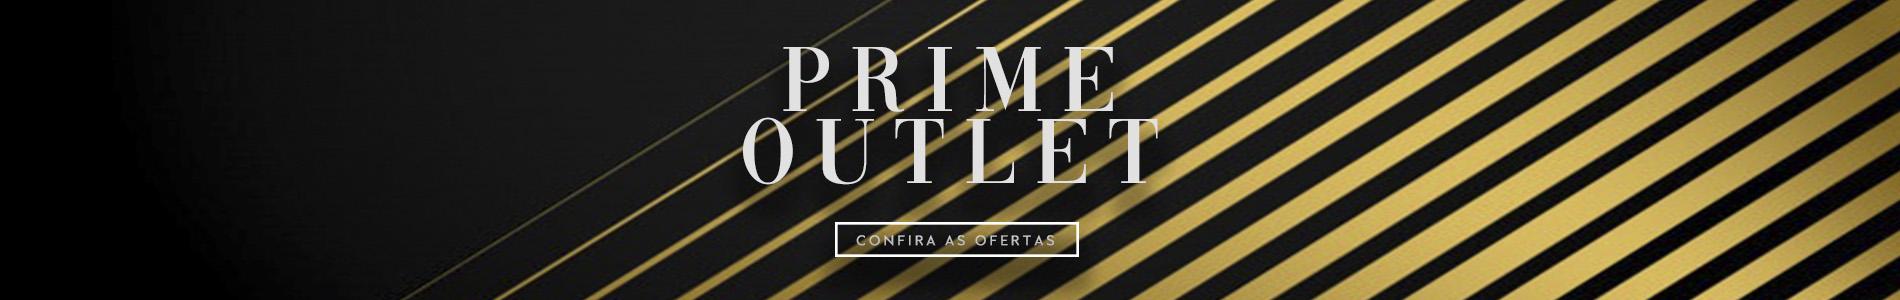 Prime Outlet - Confira as Ofertas